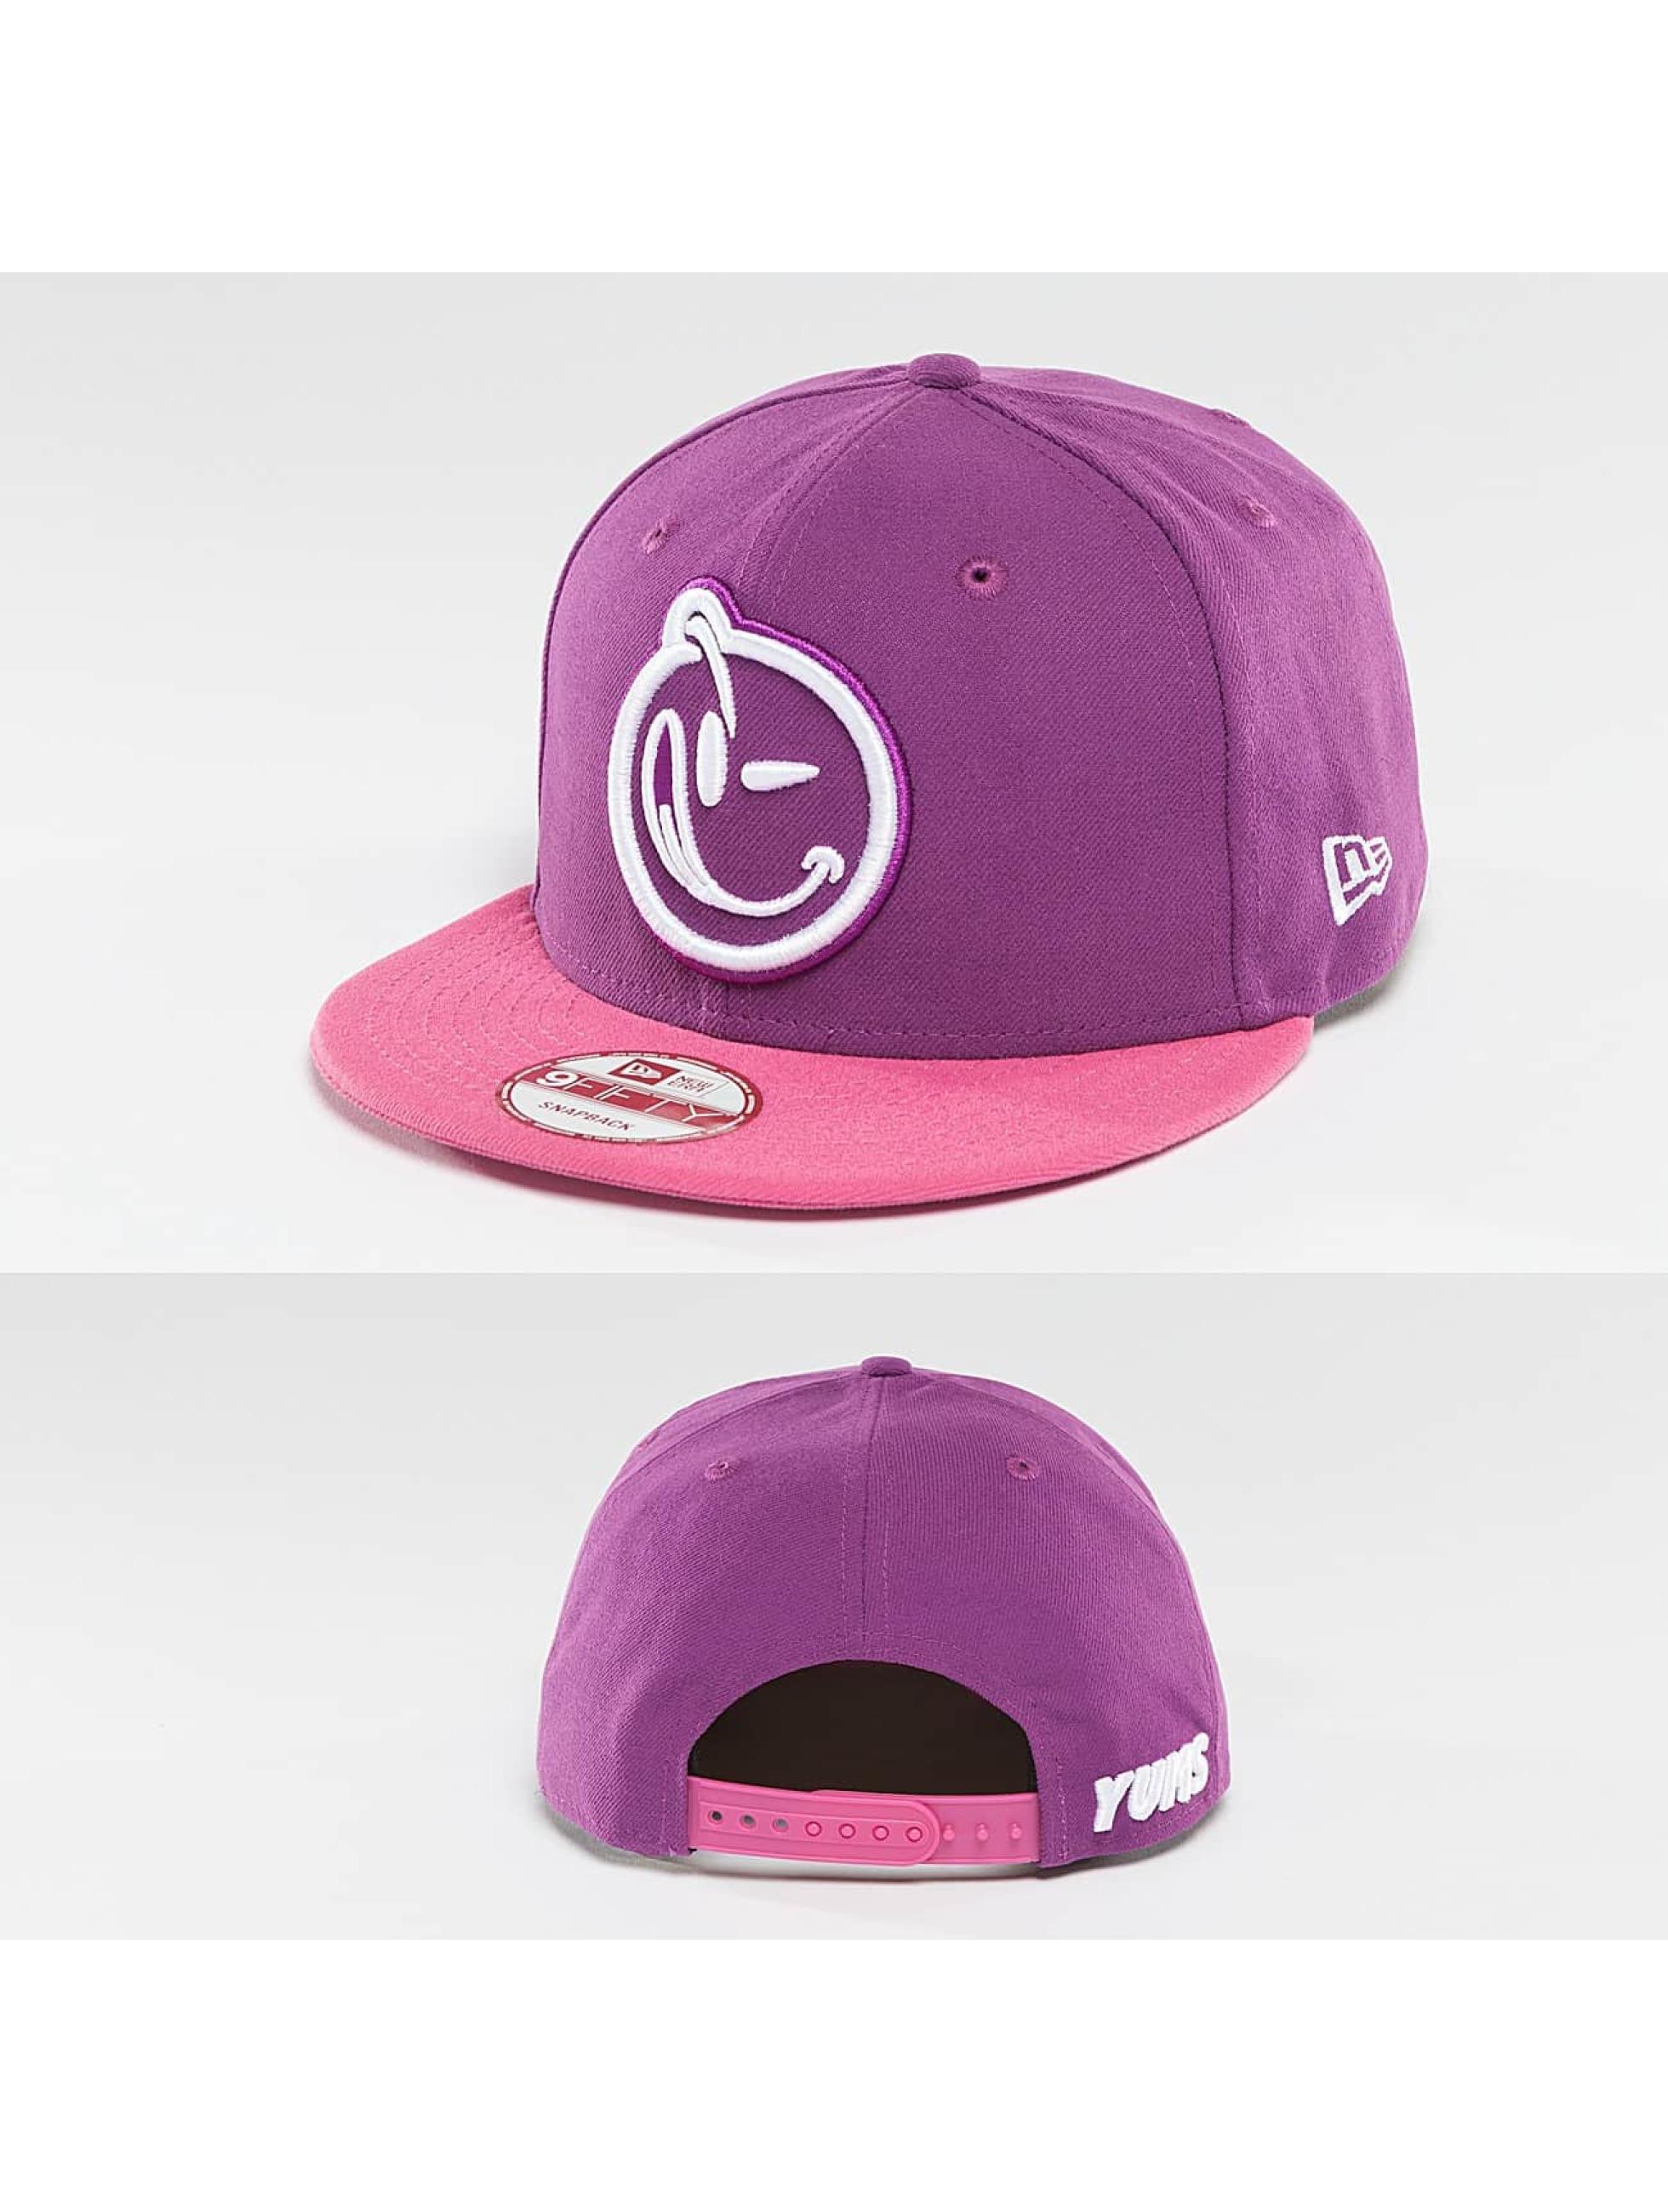 Yums Männer,Frauen Snapback Cap Era Sparkling in violet